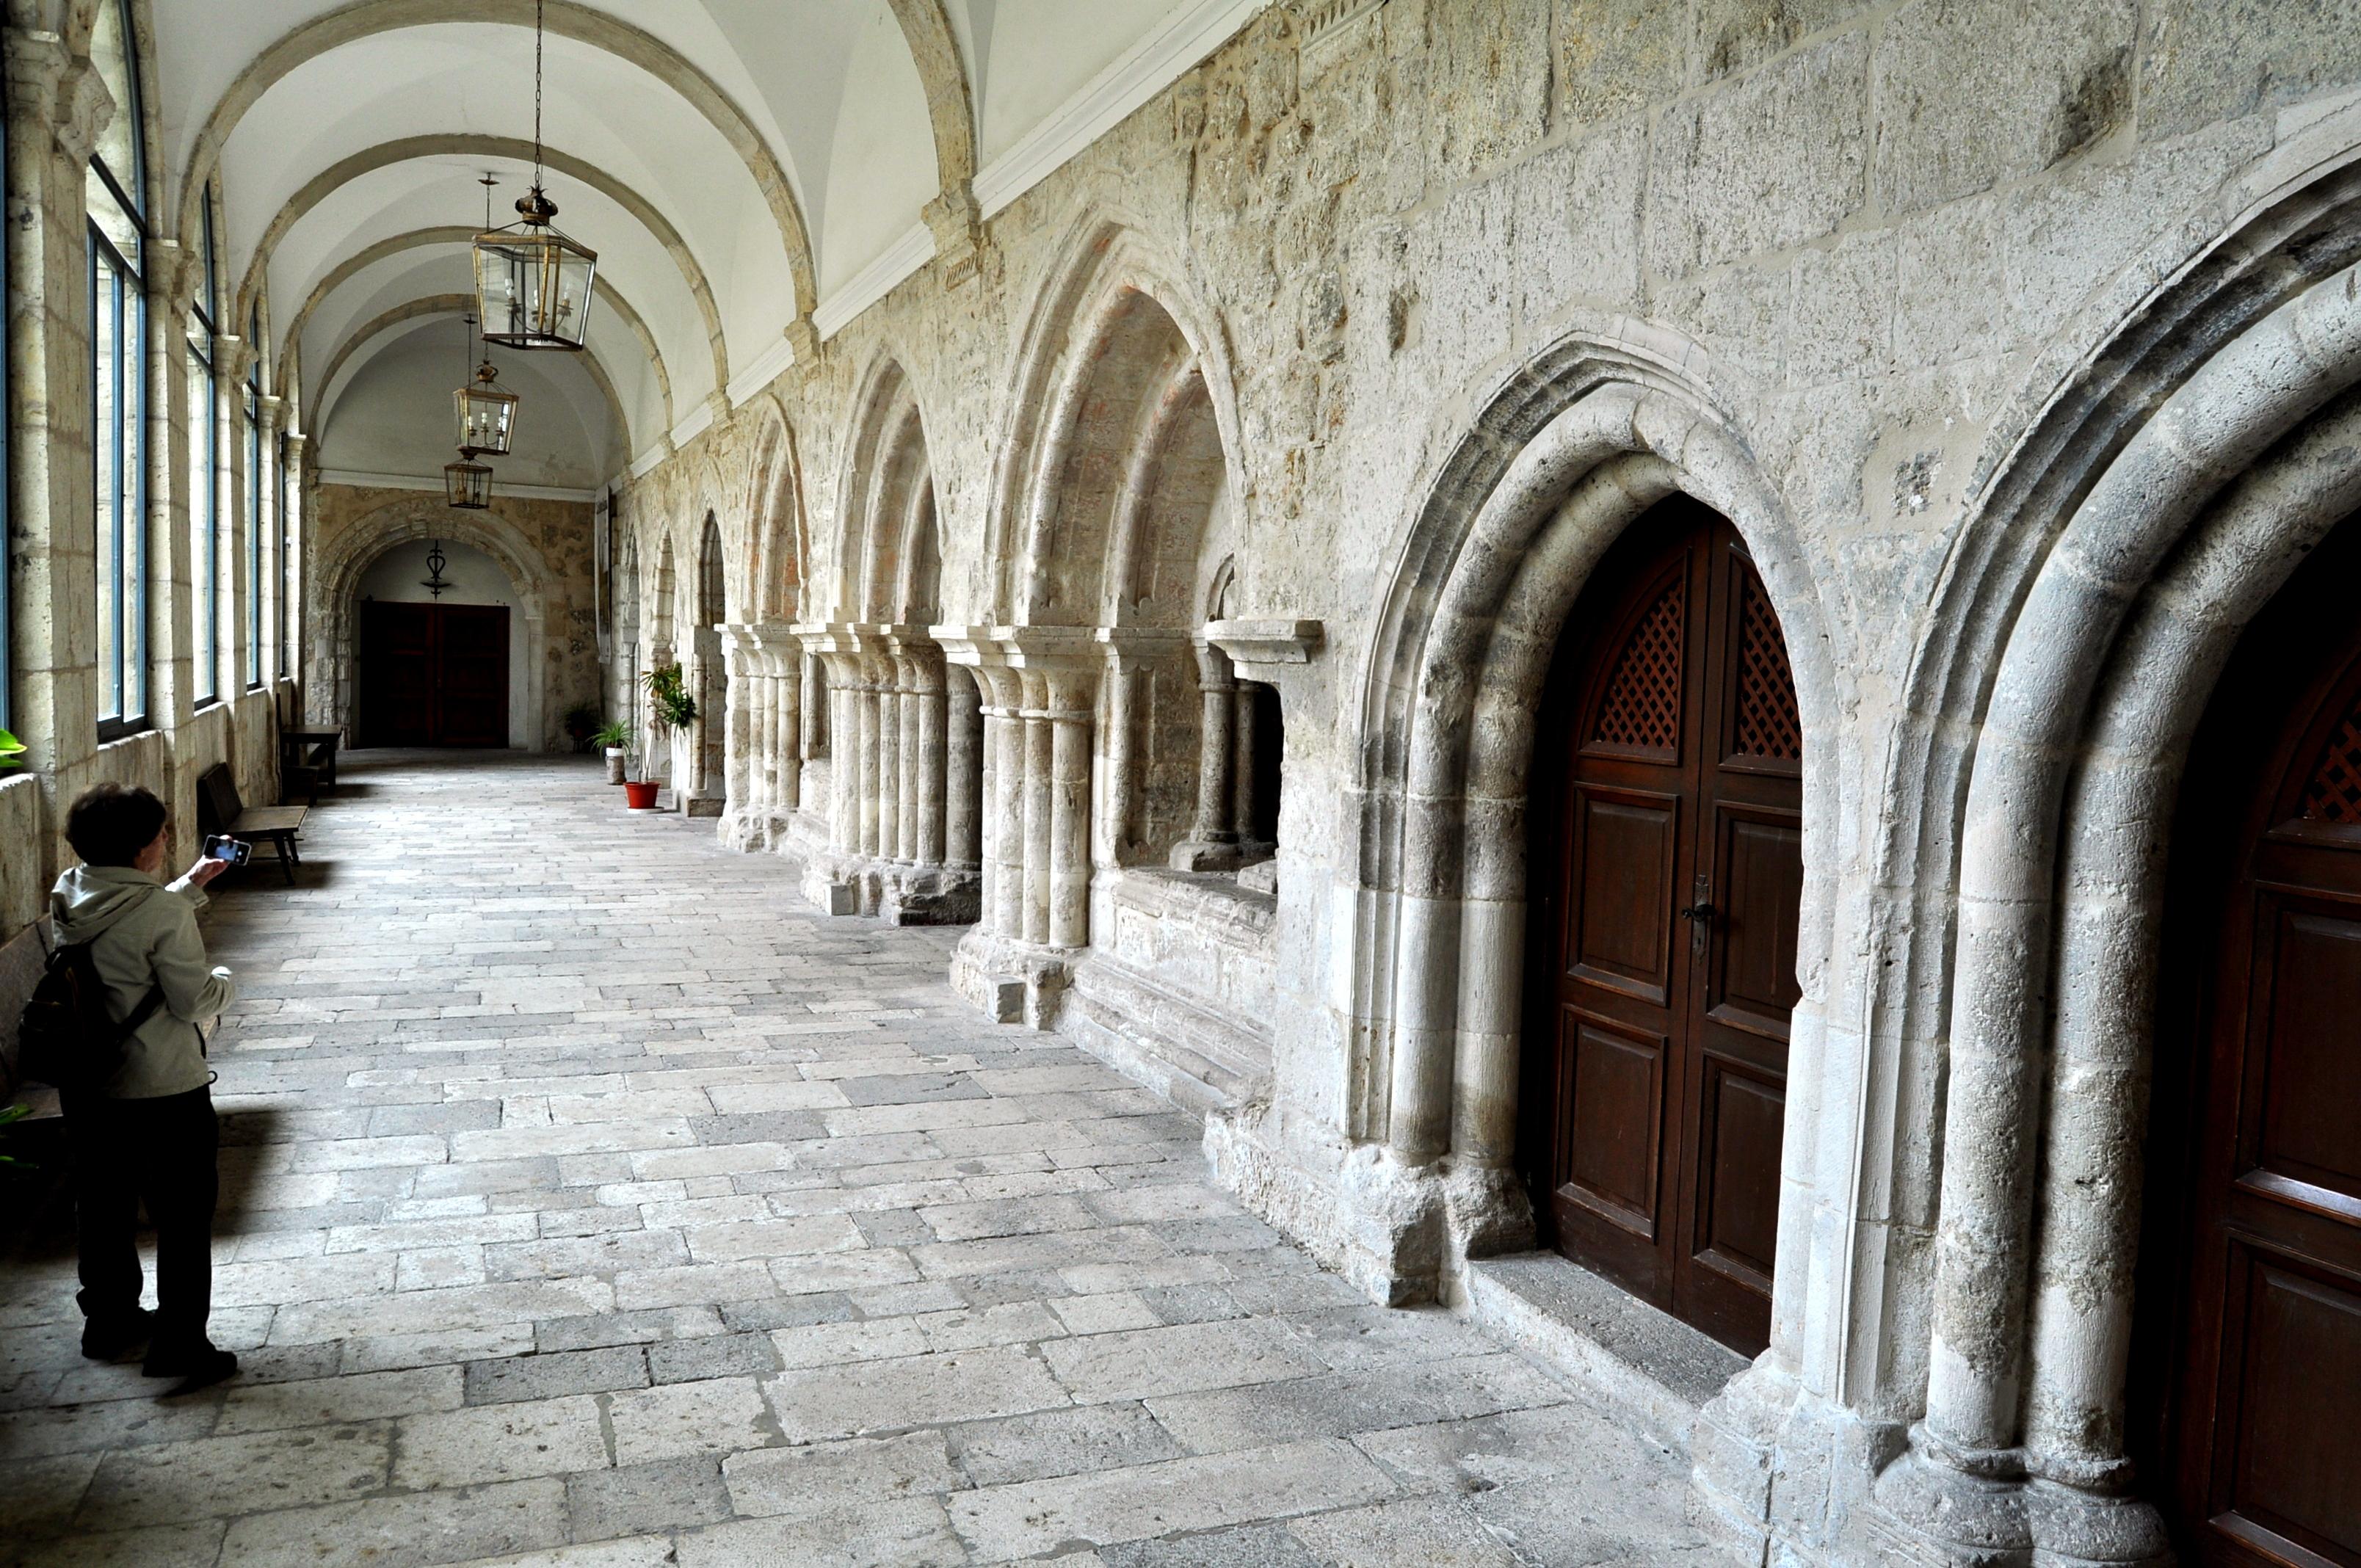 Monasterio de la Santa Espina. Galería cisterciense en el claustro.